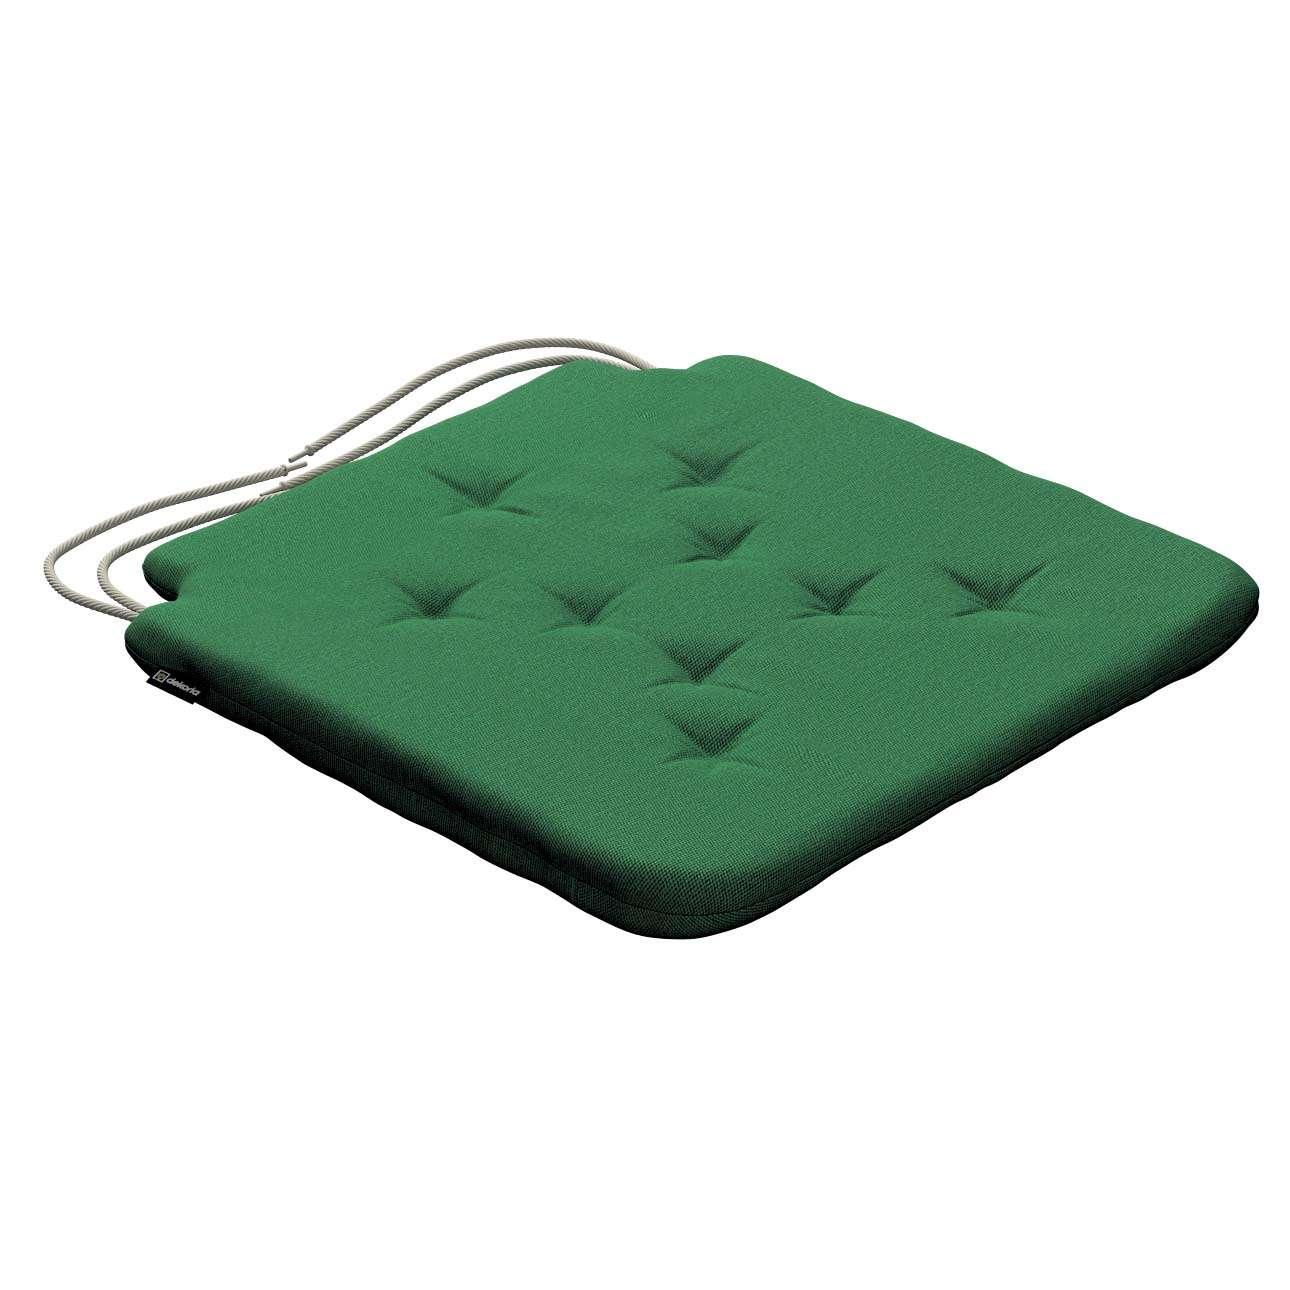 Siedzisko Olek na krzesło 42x41x3,5cm w kolekcji Loneta, tkanina: 133-18